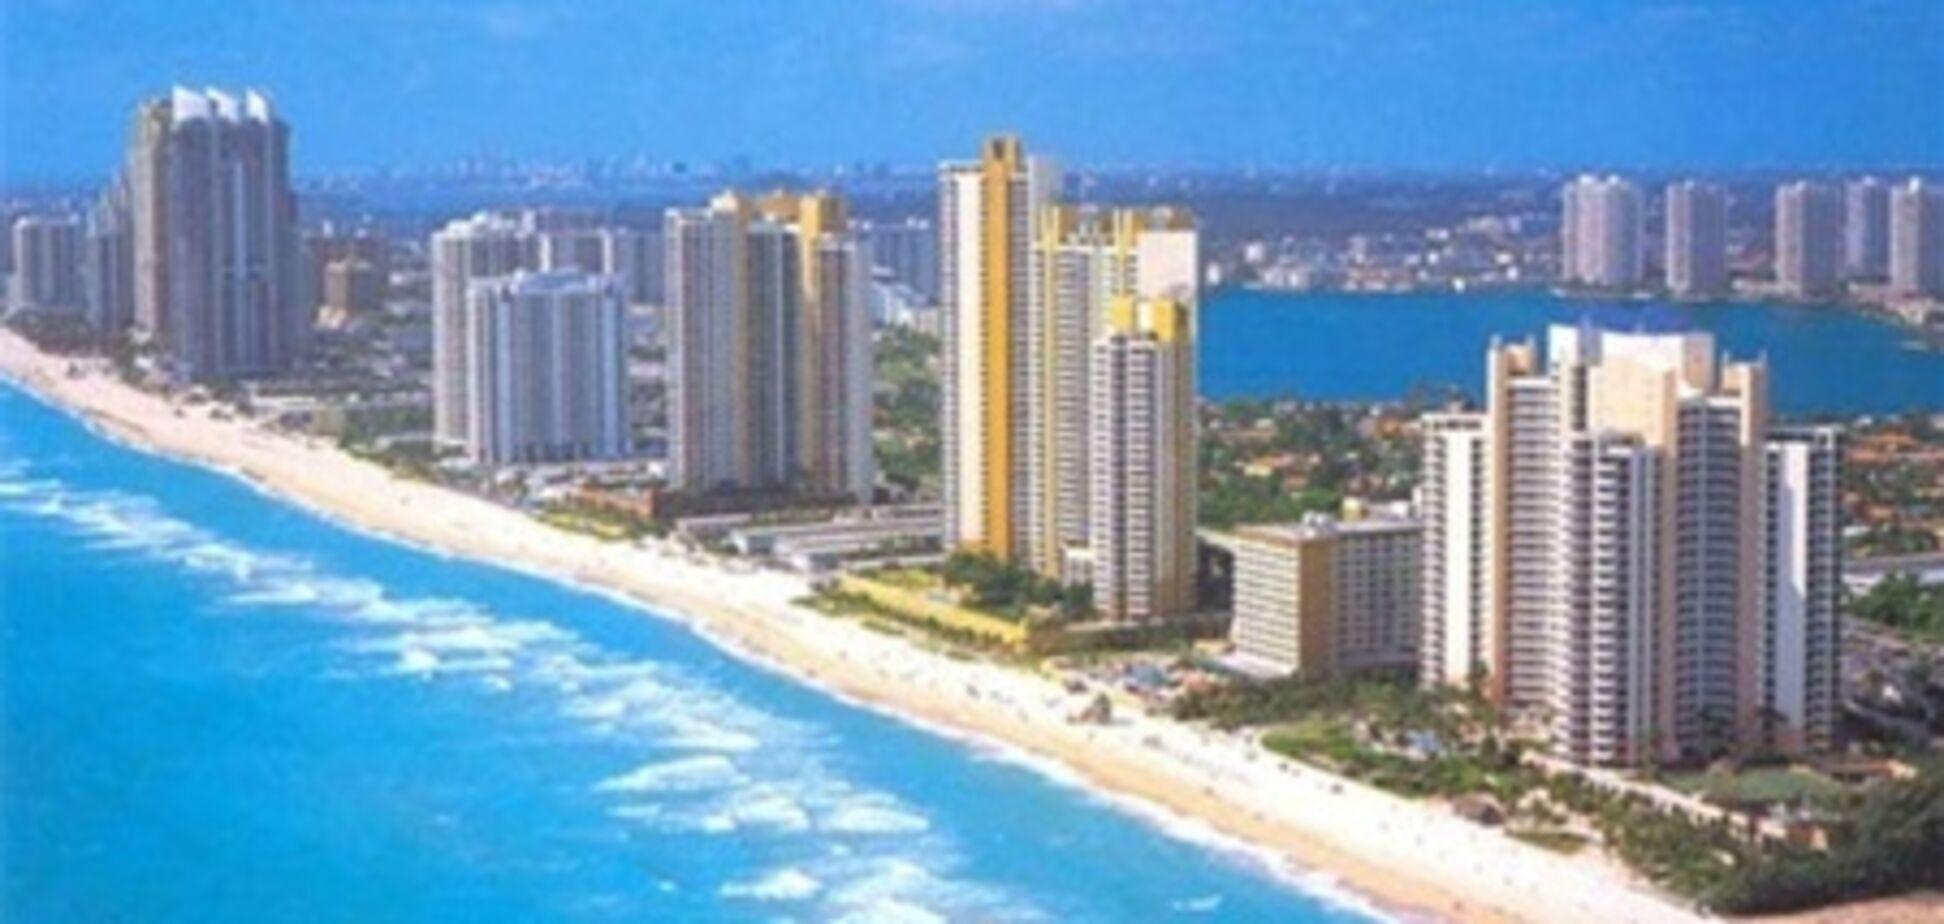 Продав однокомнатную квартиру в Киеве, можно купить 'трешку' в Майами